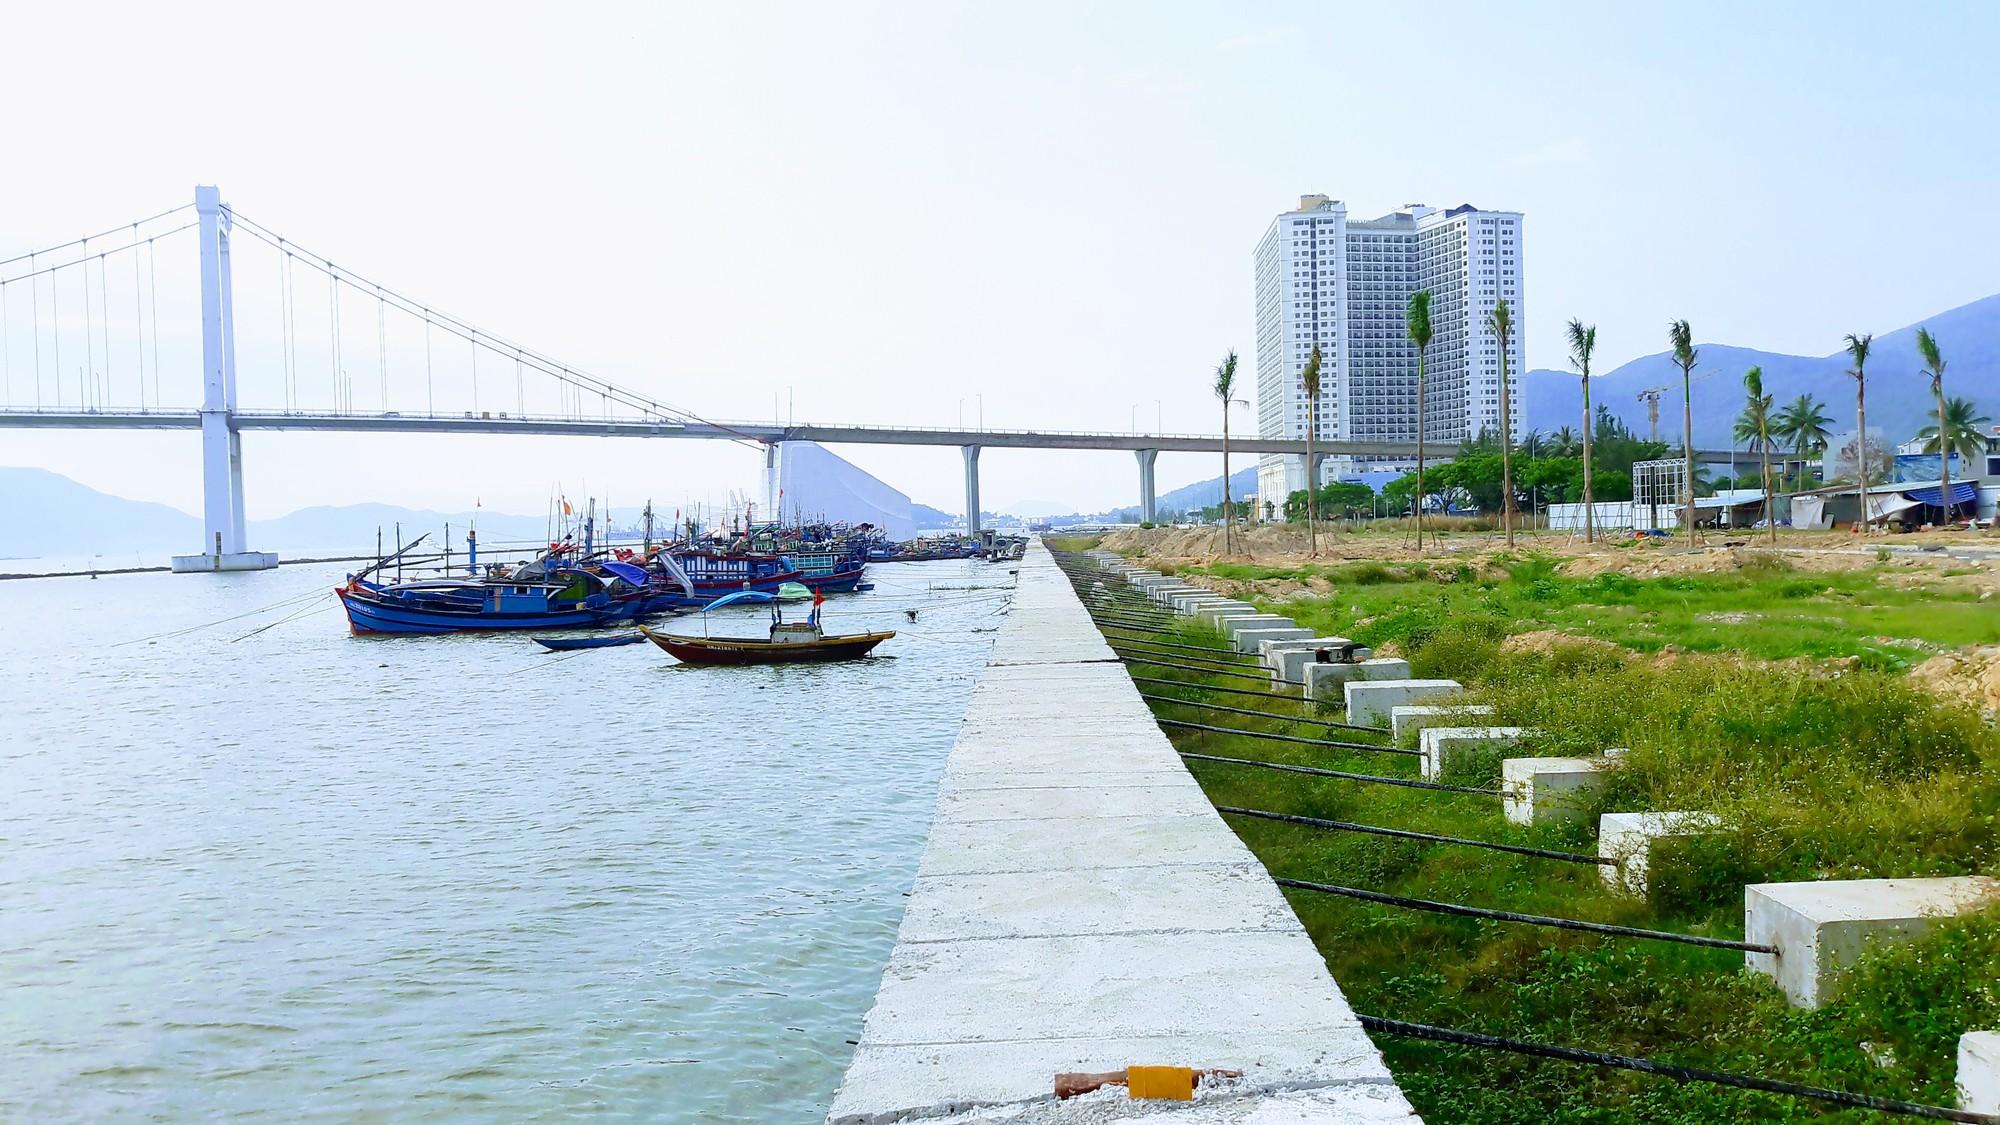 Chủ đầu tư hai dự án bất động sản lấn sông Hàn thống nhất dành khu ven sông làm công viên, lối đi bộ - Ảnh 4.